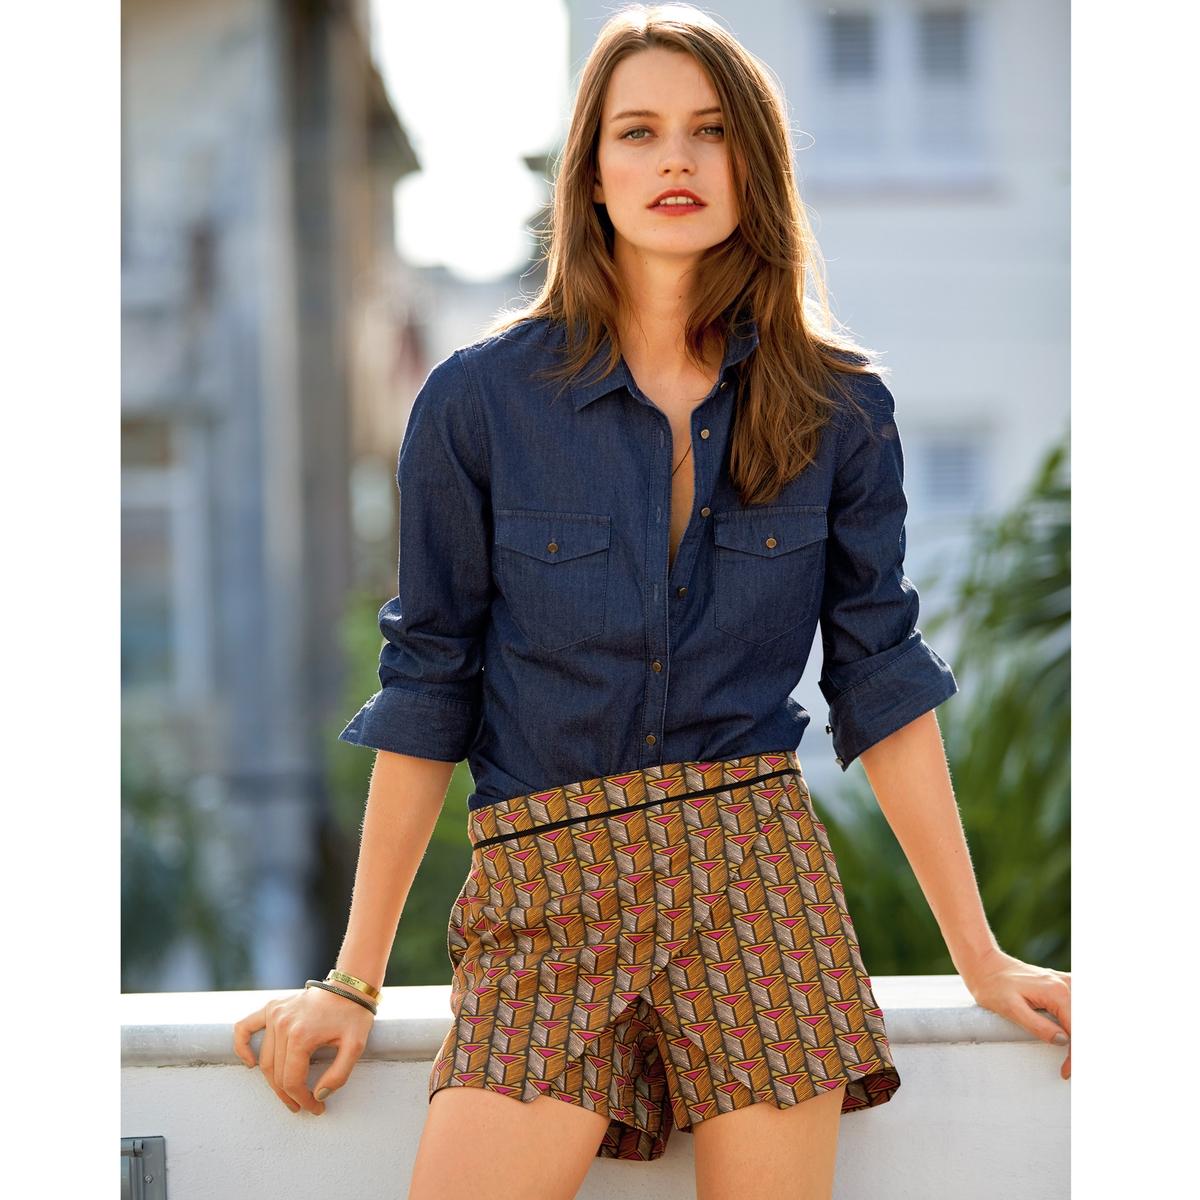 Юбка-шорты с рисункомЮбка-шорты из ткани стретч, 96% хлопка, 4% эластана. Черный кант по талии. Длина по внутр.шву 9 см. Ширина по боковому шву 33,5 см.<br><br>Цвет: набивной рисунок<br>Размер: 34 (FR) - 40 (RUS)